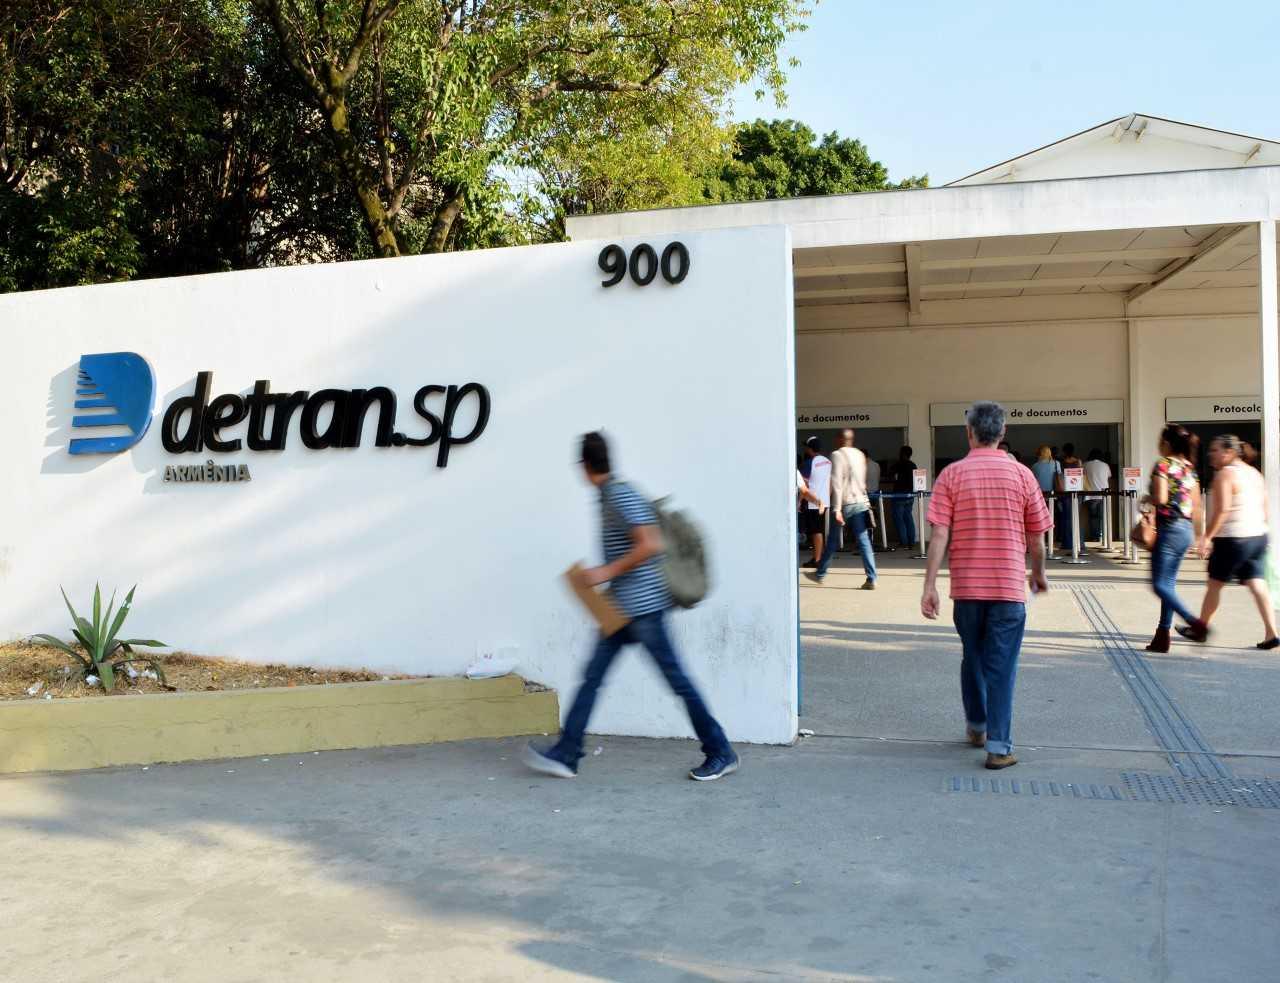 Capital: Detran.SP vai realizar vistorias para inclusão de veículos de aprendizagem nesta quinta-feira (02)